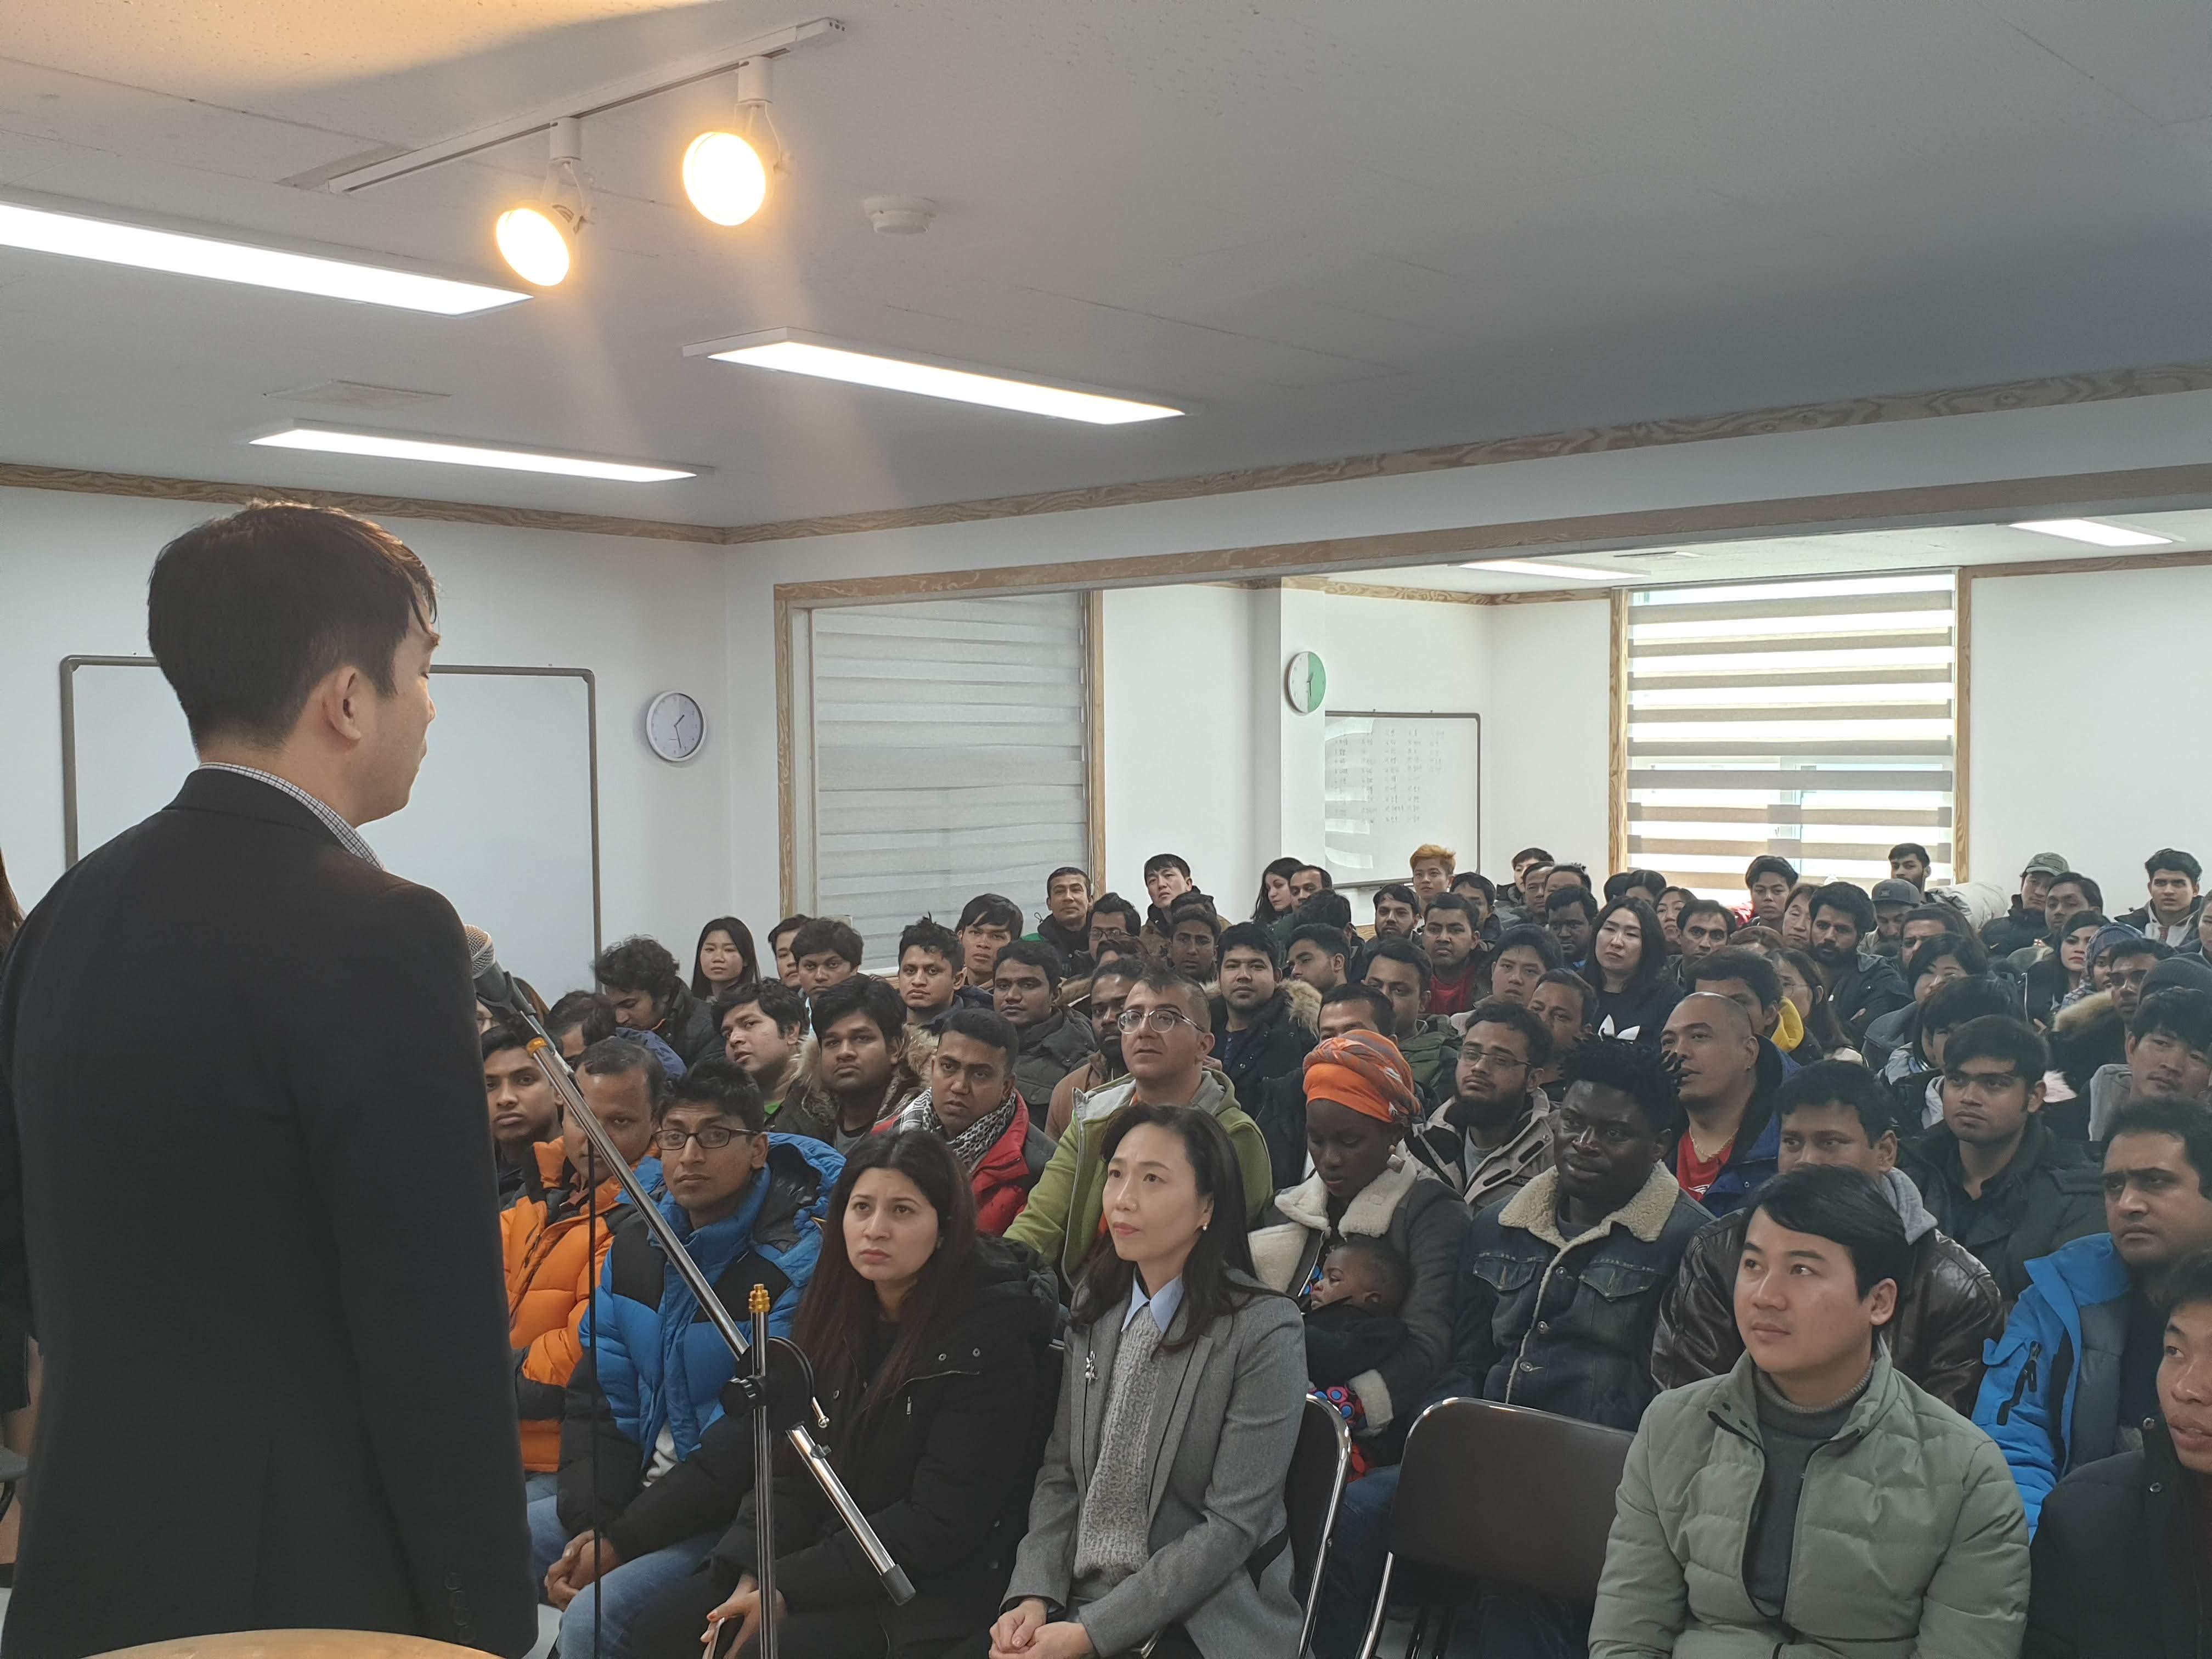 8.2월10일 사회통합프록램 한국어 교육 개강식에 모인 이민자